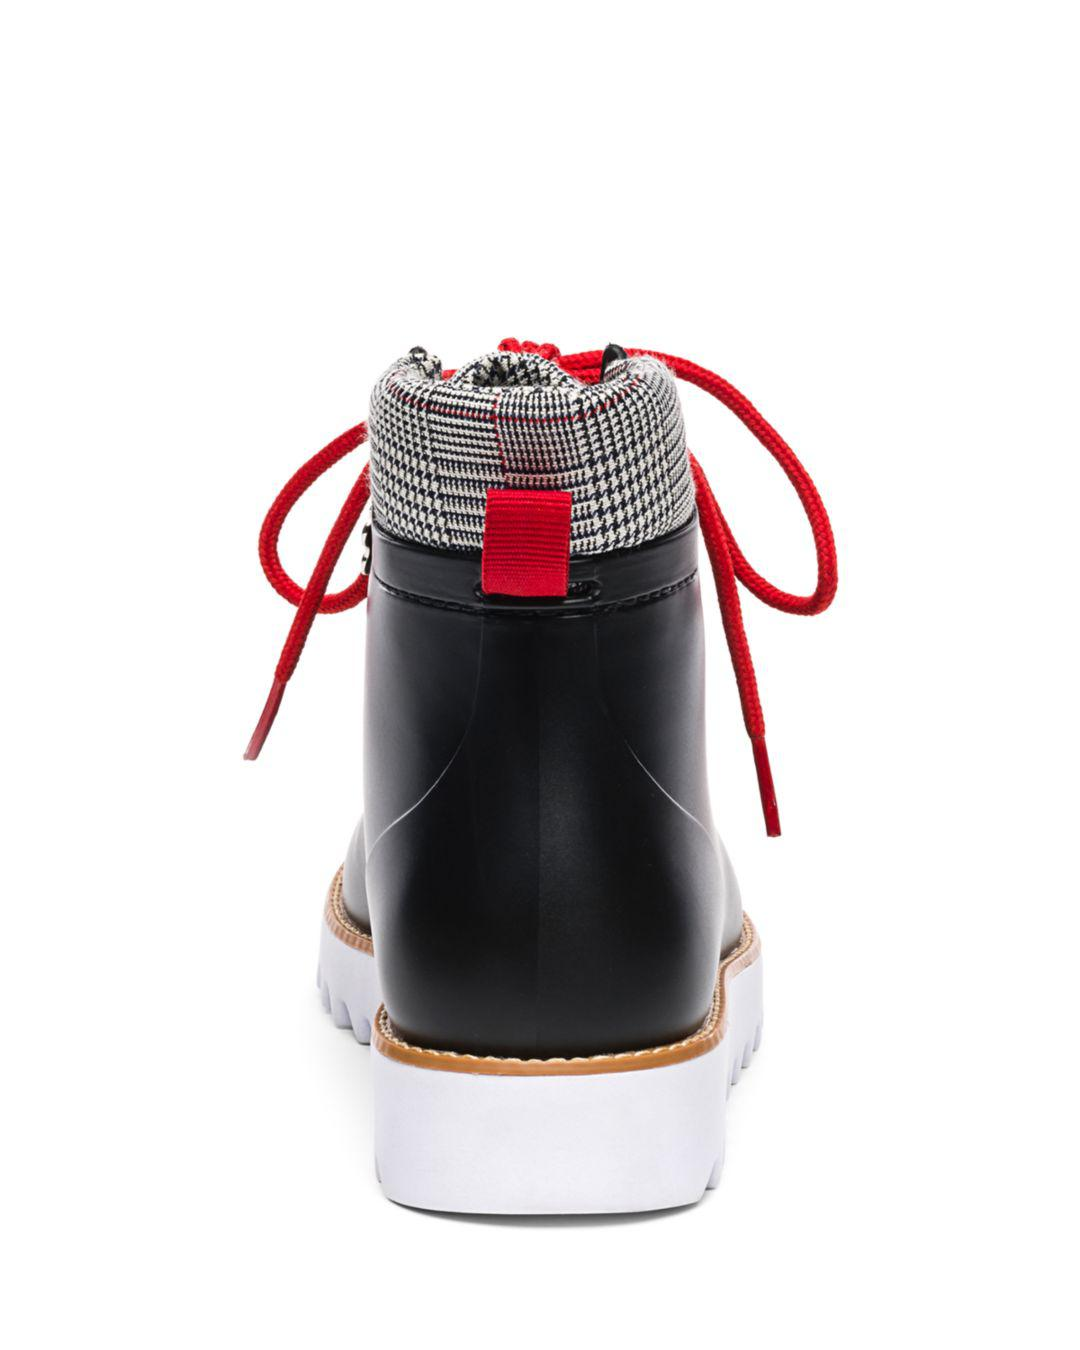 83cab2783b43b9 ... Winnie Lace-up Rubber Rain Boots - Lyst. View fullscreen